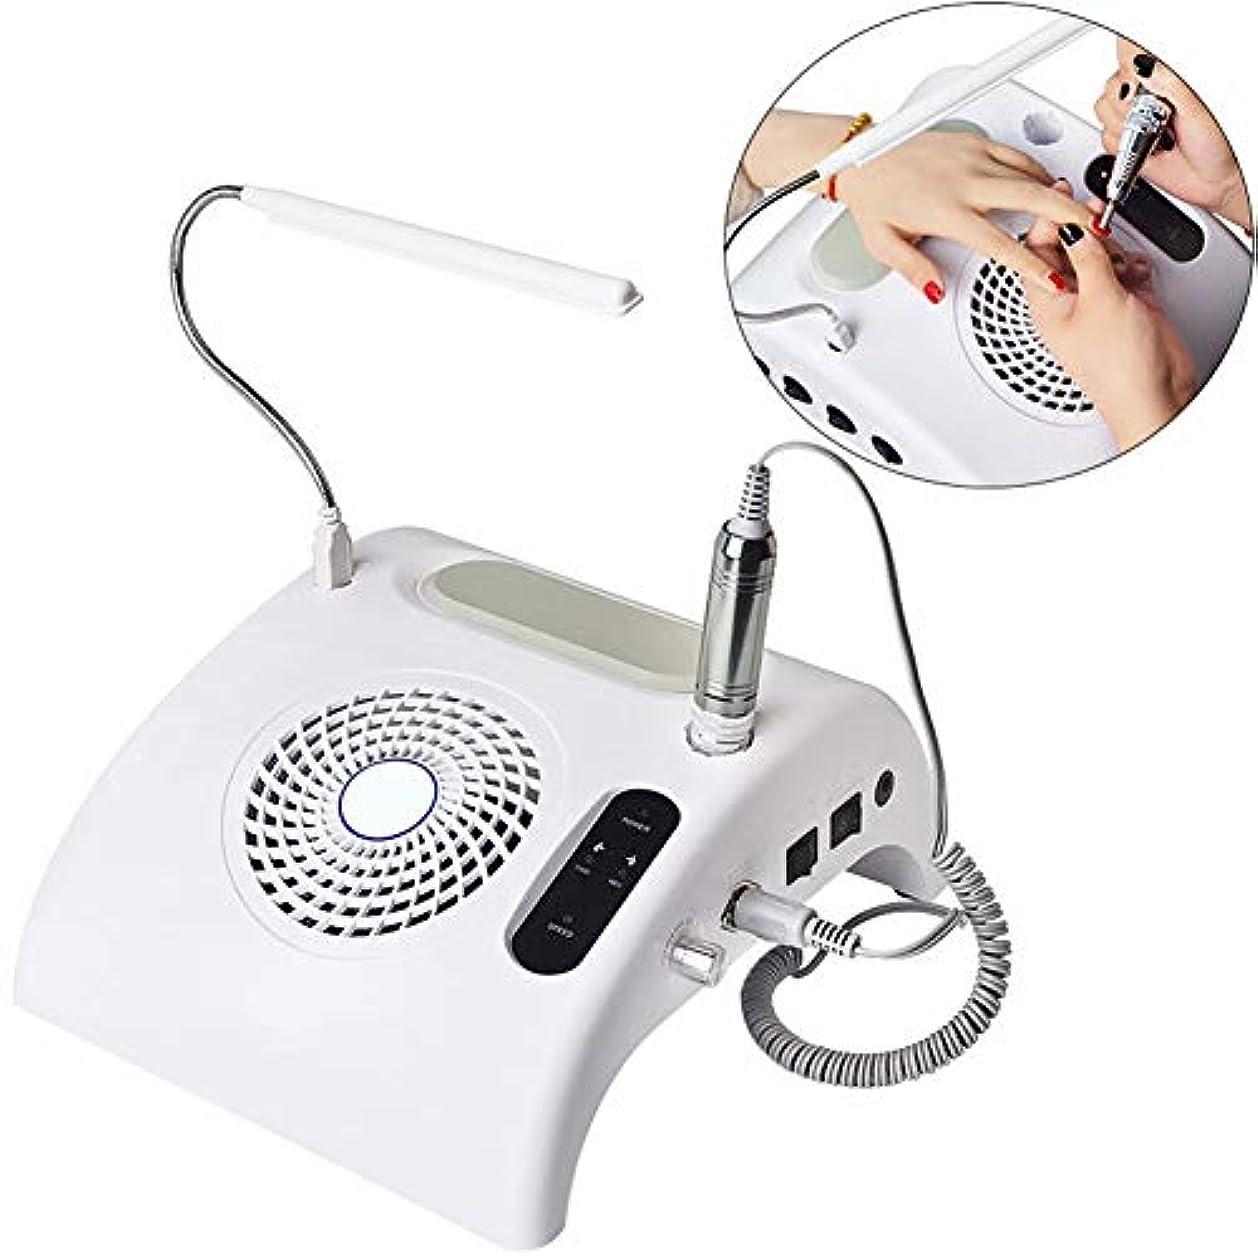 泣くマスタードめんどり電動ネイルドリルキットプロフェッショナルネイルリグ電動こて用アクリルジェルネイルグラインダーマニキュアペディキュア低振動低ノイズ低熱